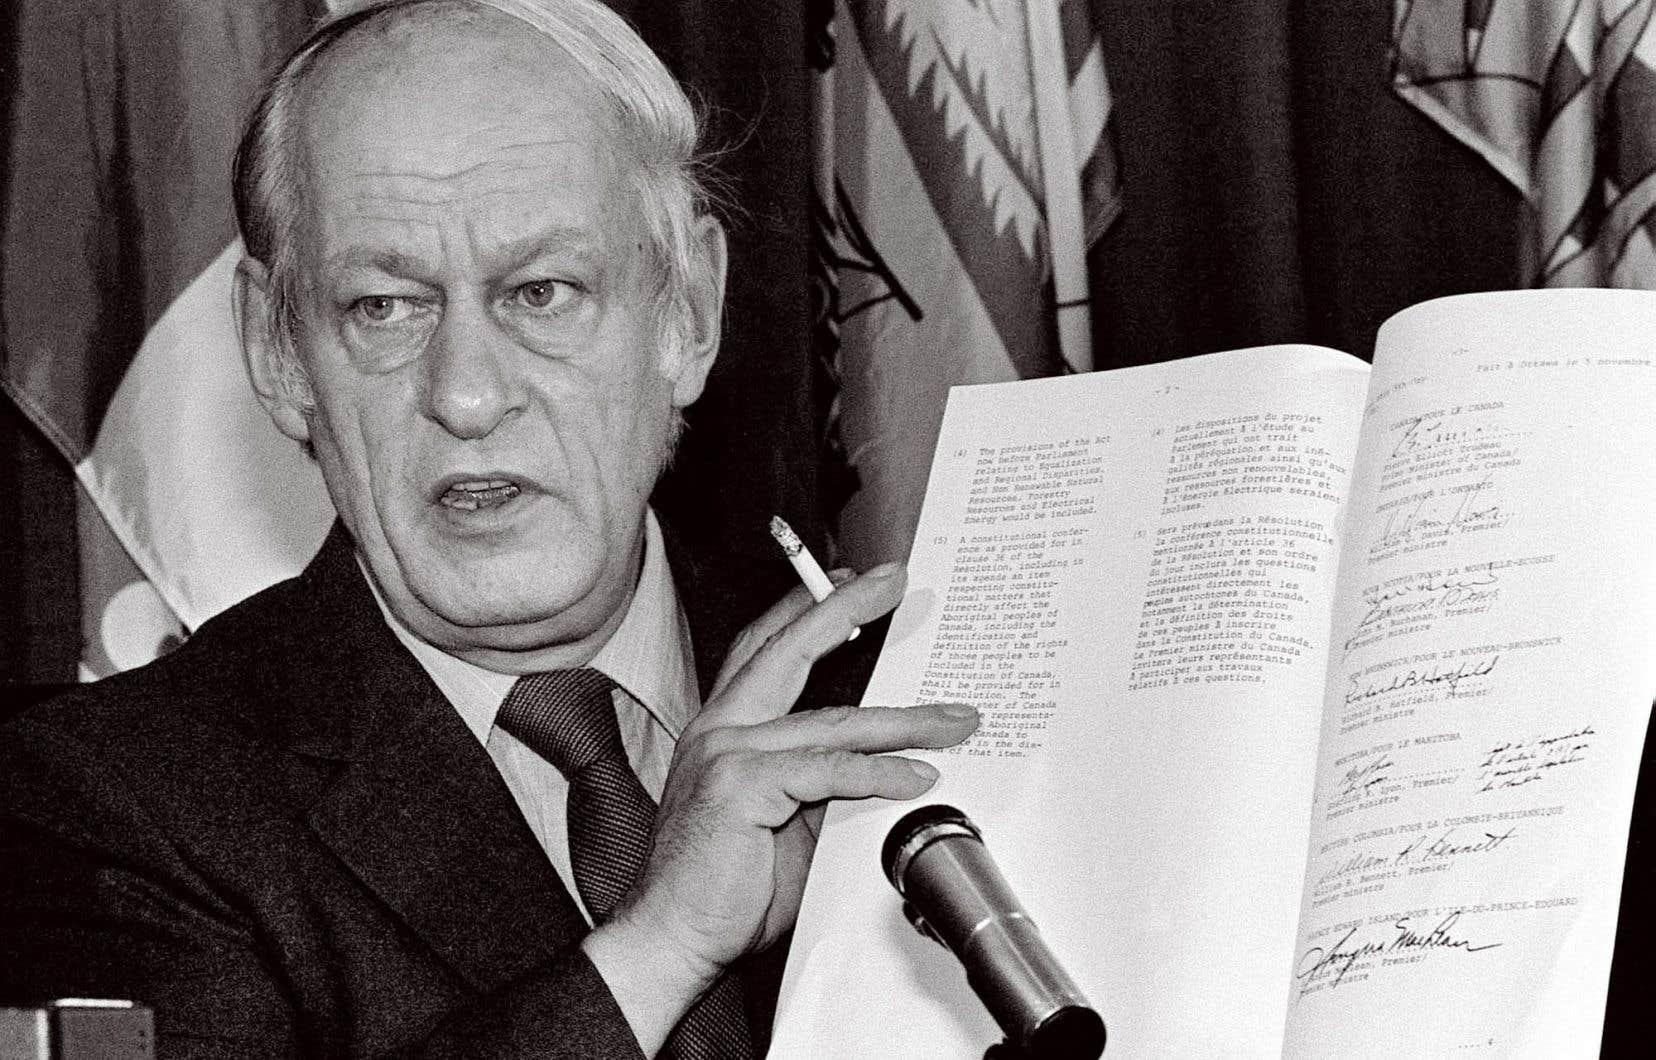 Le 11novembre 1981, René Lévesque, alors premier ministre du Québec, brandissait l'accord constitutionnel signé par toutes les provinces canadiennes, sauf le Québec.